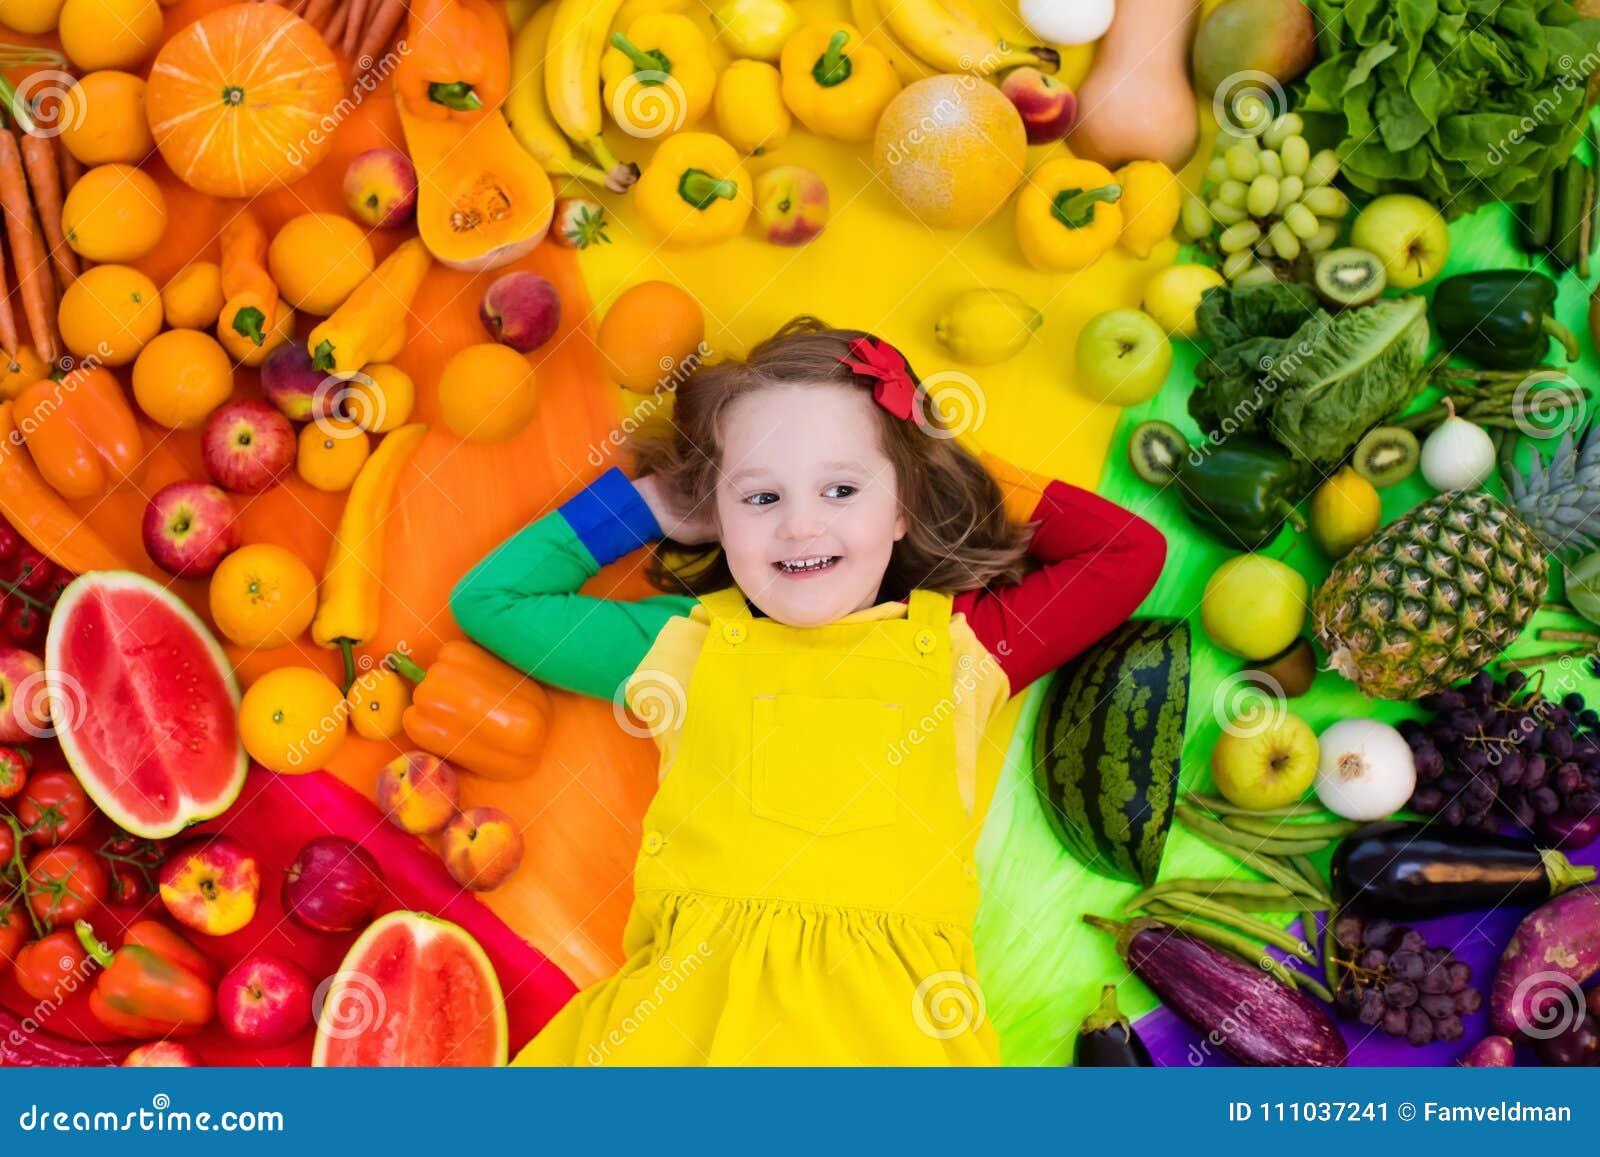 Nutrición sana de la fruta y verdura para los niños